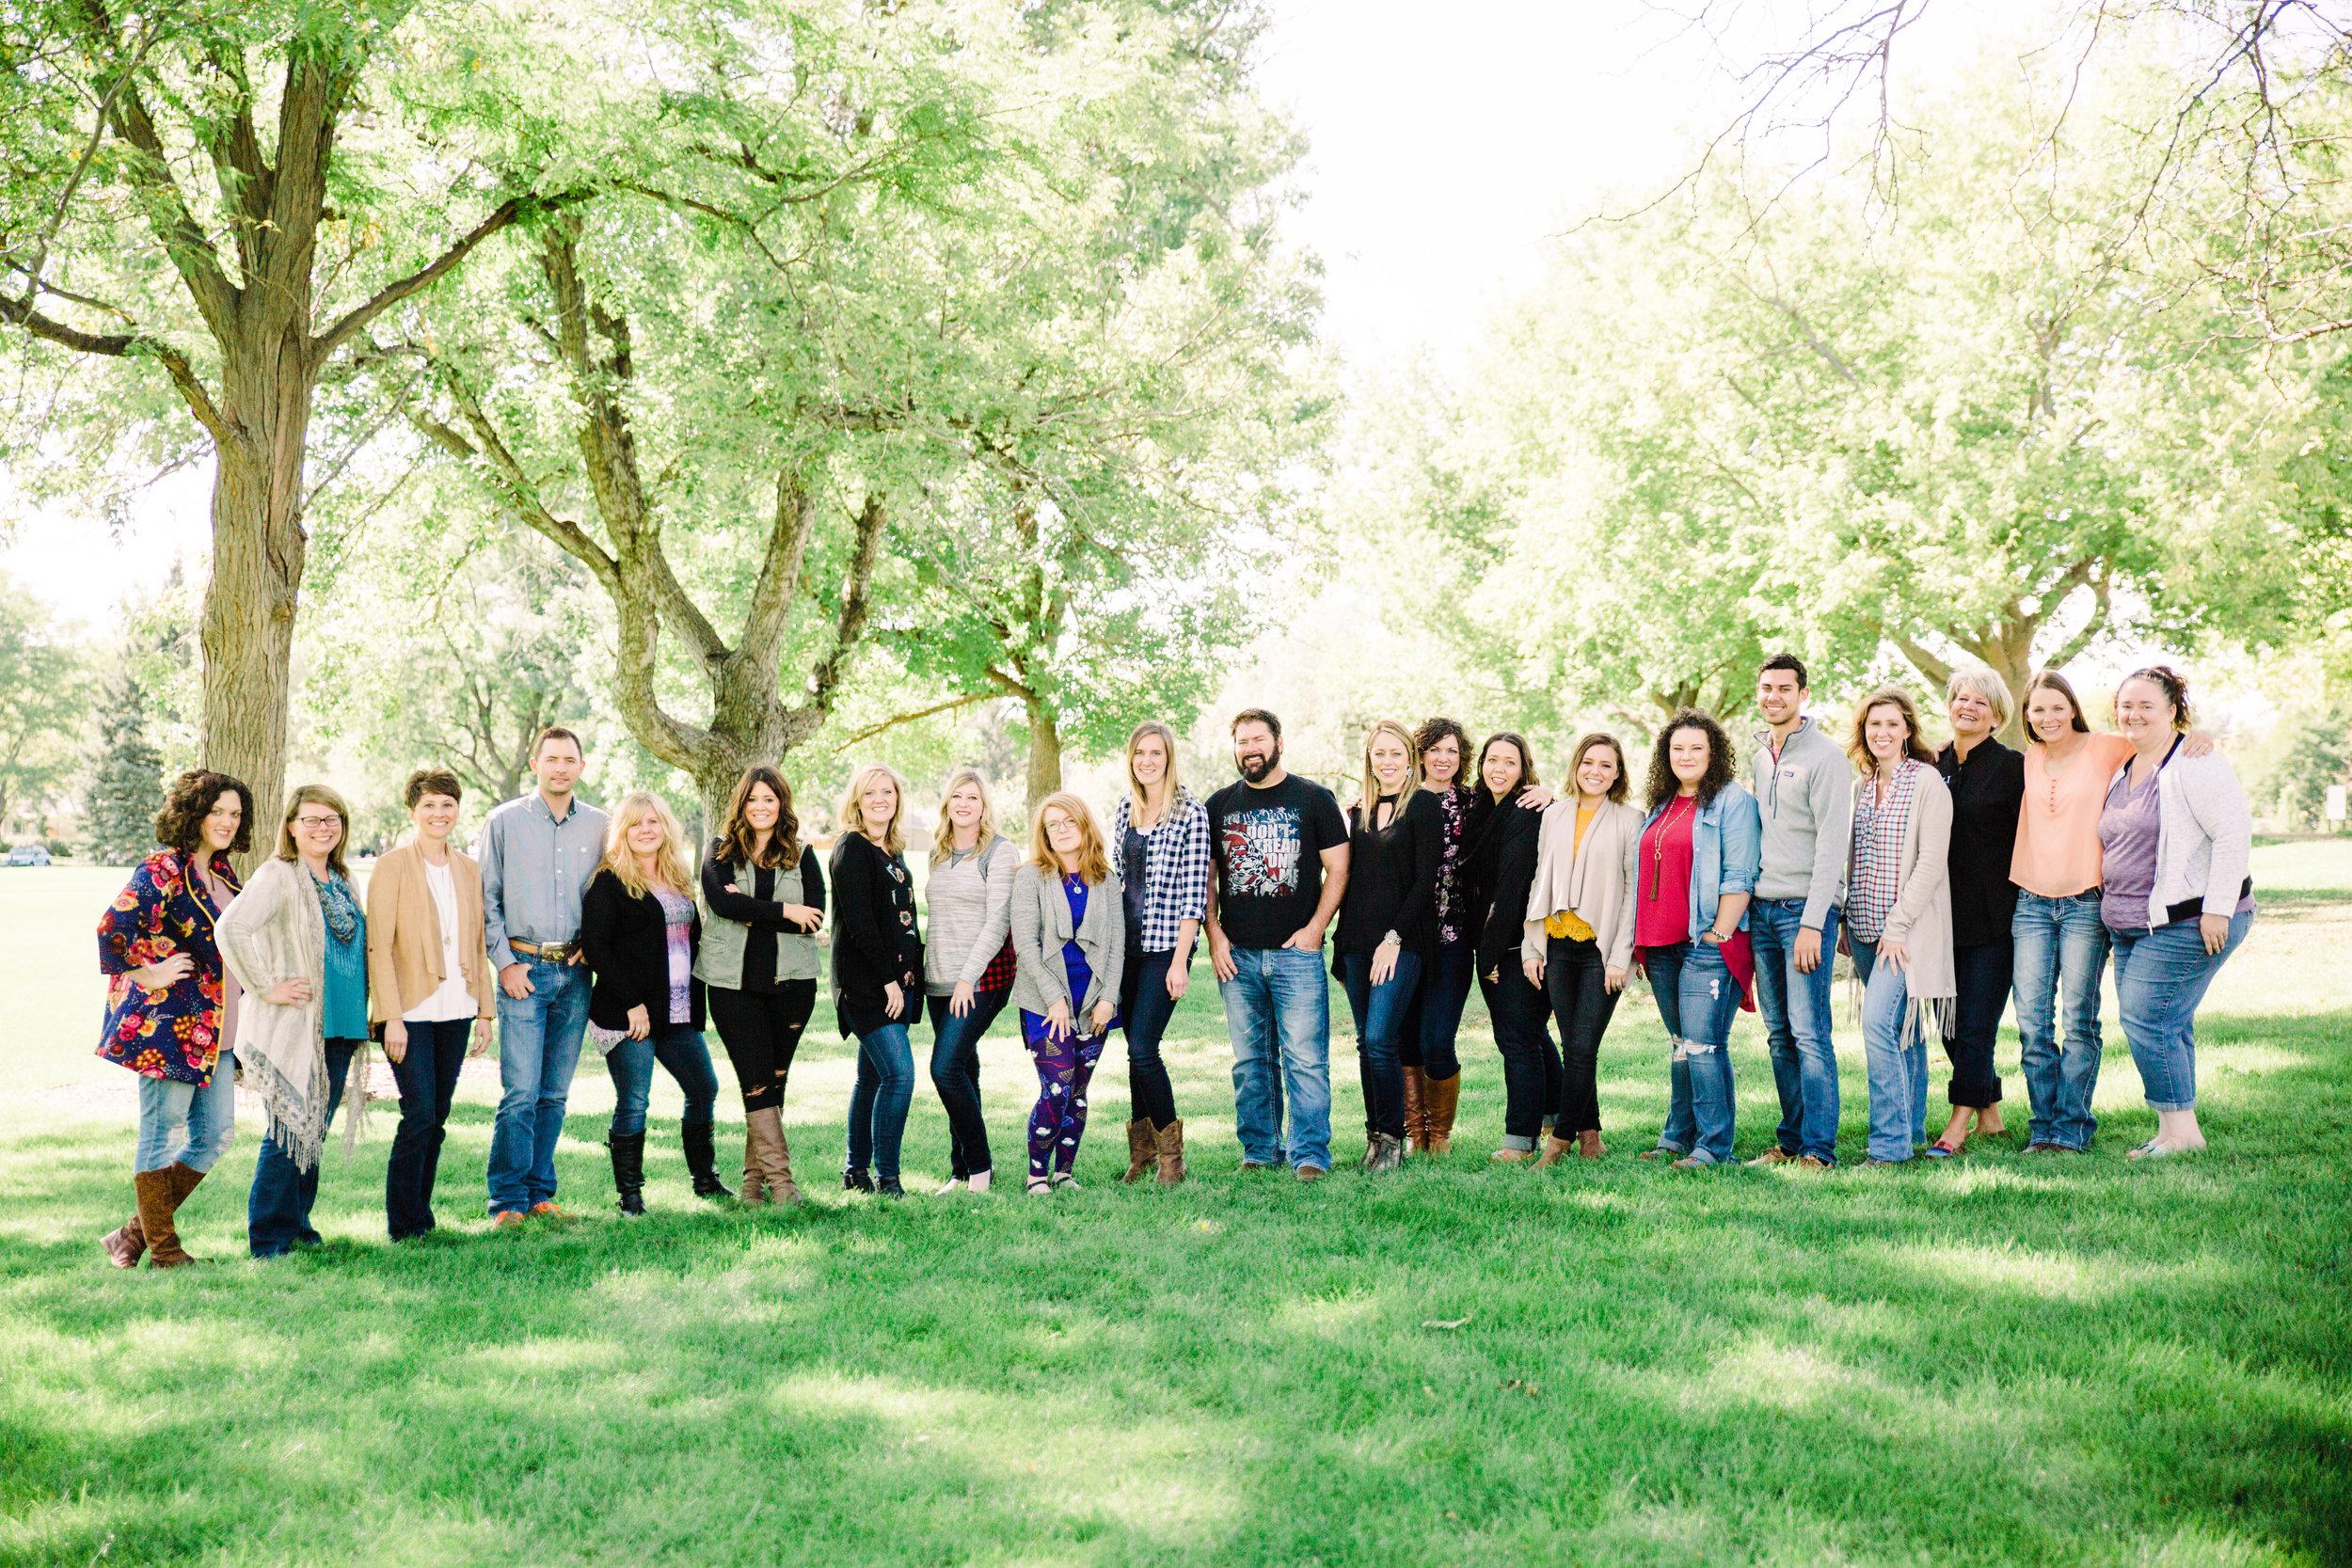 Rural-Influencer-Project_Denver.jpg